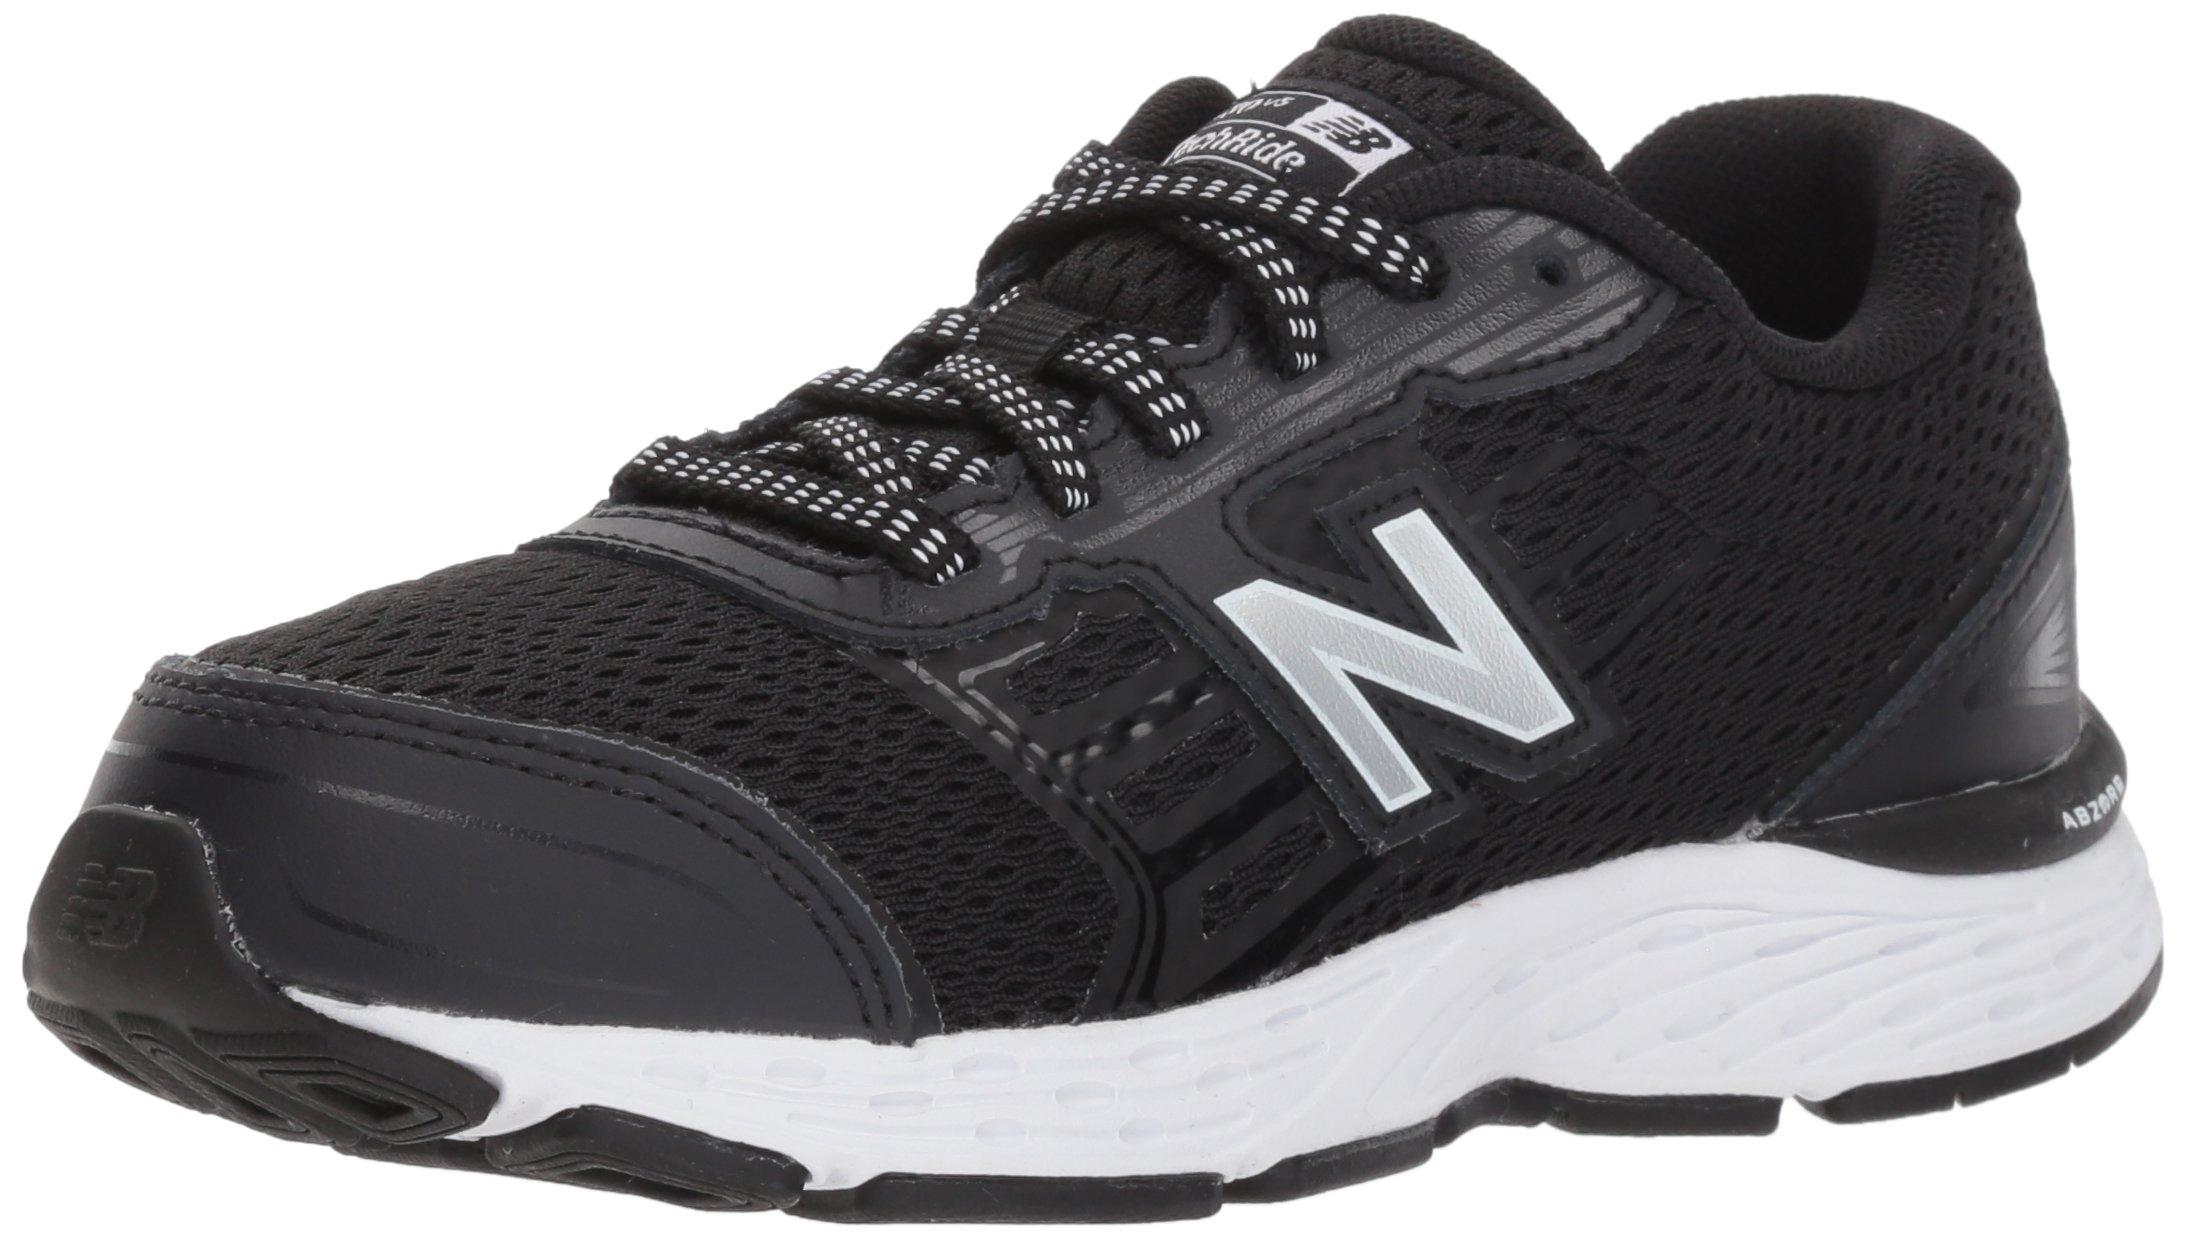 New Balance Boys' 680v5 Running Shoe, Black/White, 11 M US Little Kid